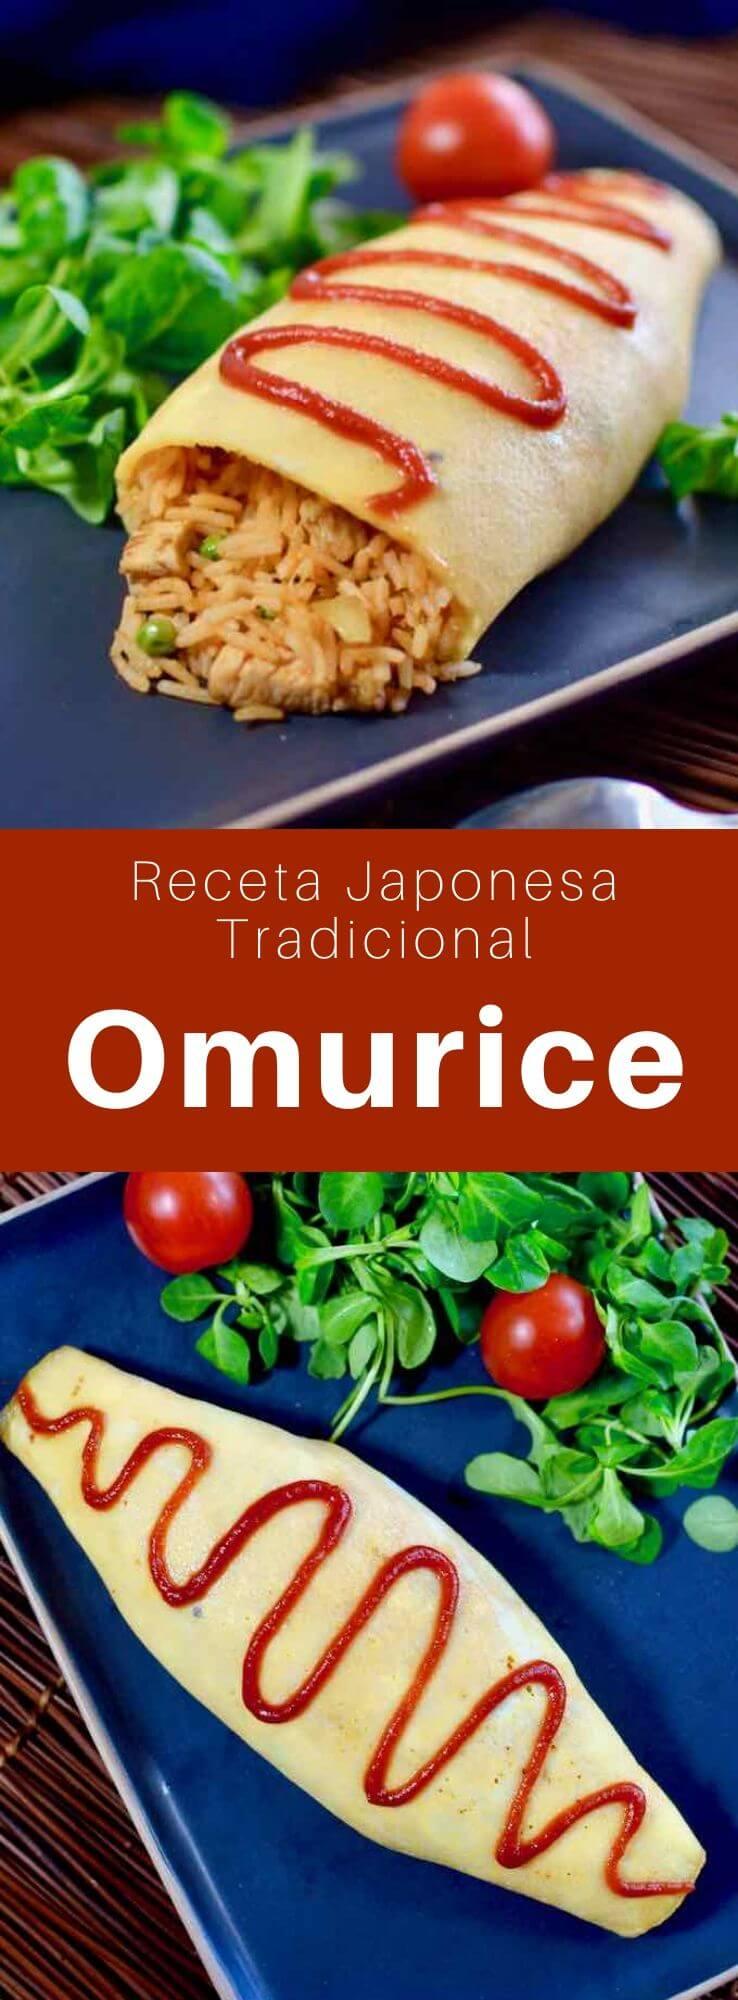 El omurice o omu-rice (オムライス) es una receta clásica japonesa de tipo yōshoku (plato occidental). Contiene arroz frito con kétchup y pollo, todo ello envuelto en una fina tortilla de huevo.